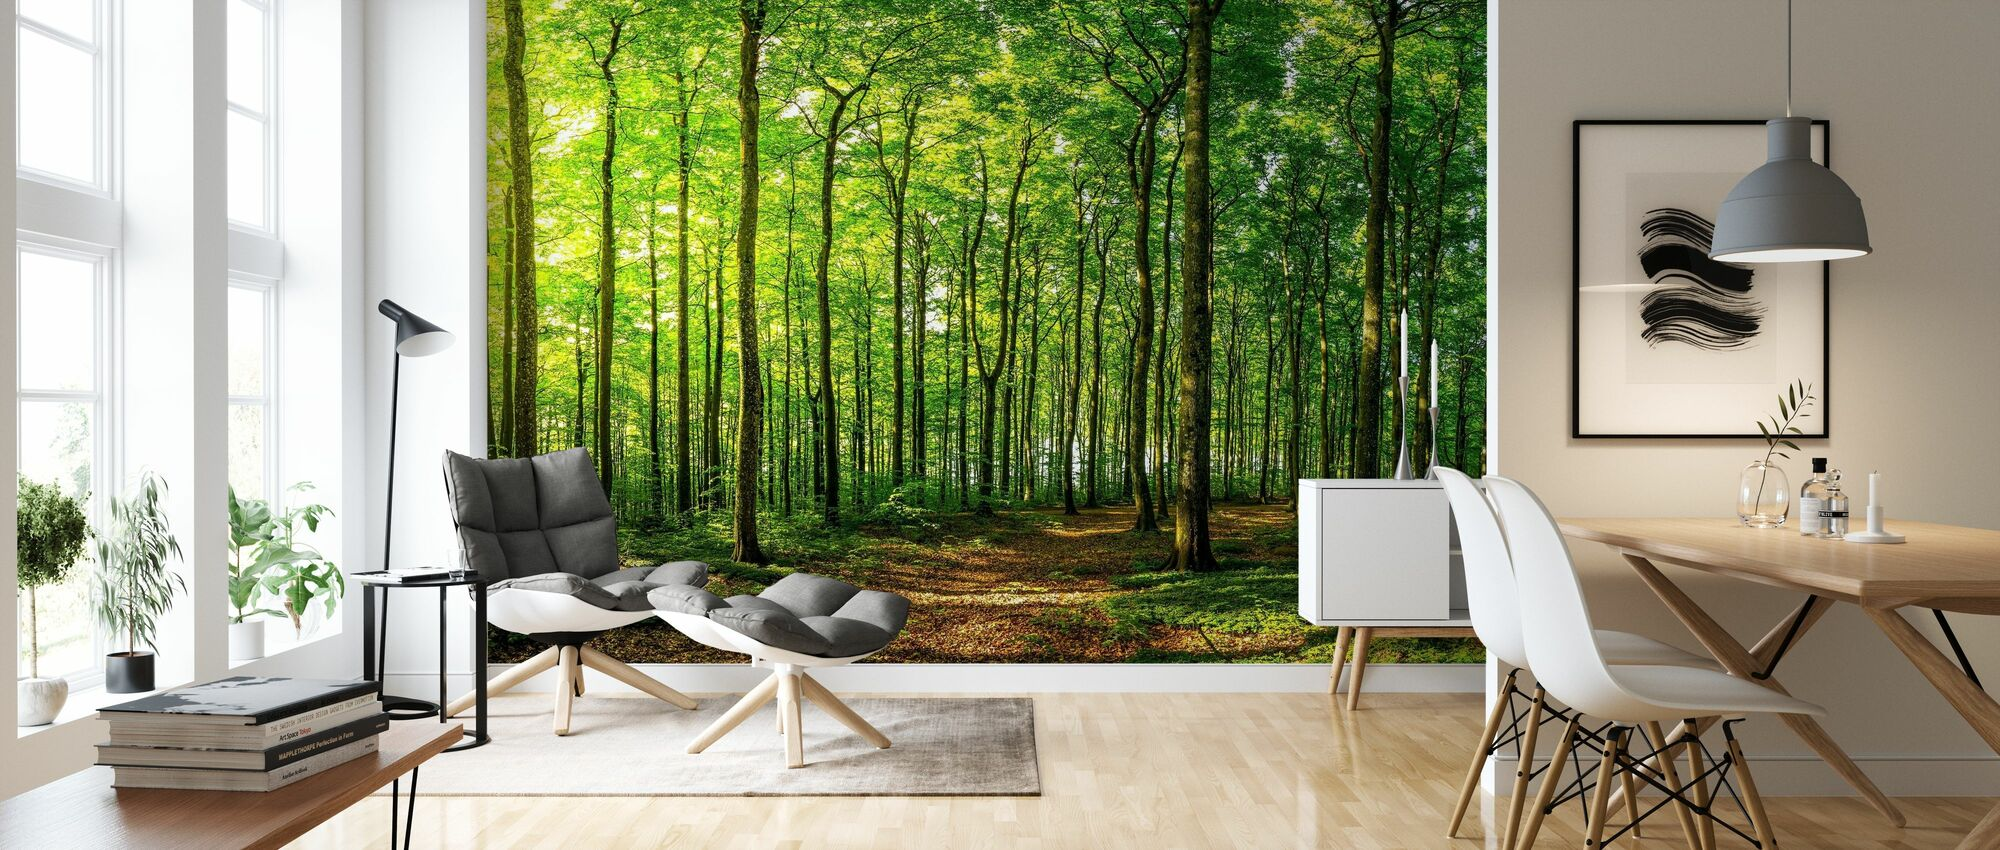 Green Beech Forest - Wallpaper - Living Room